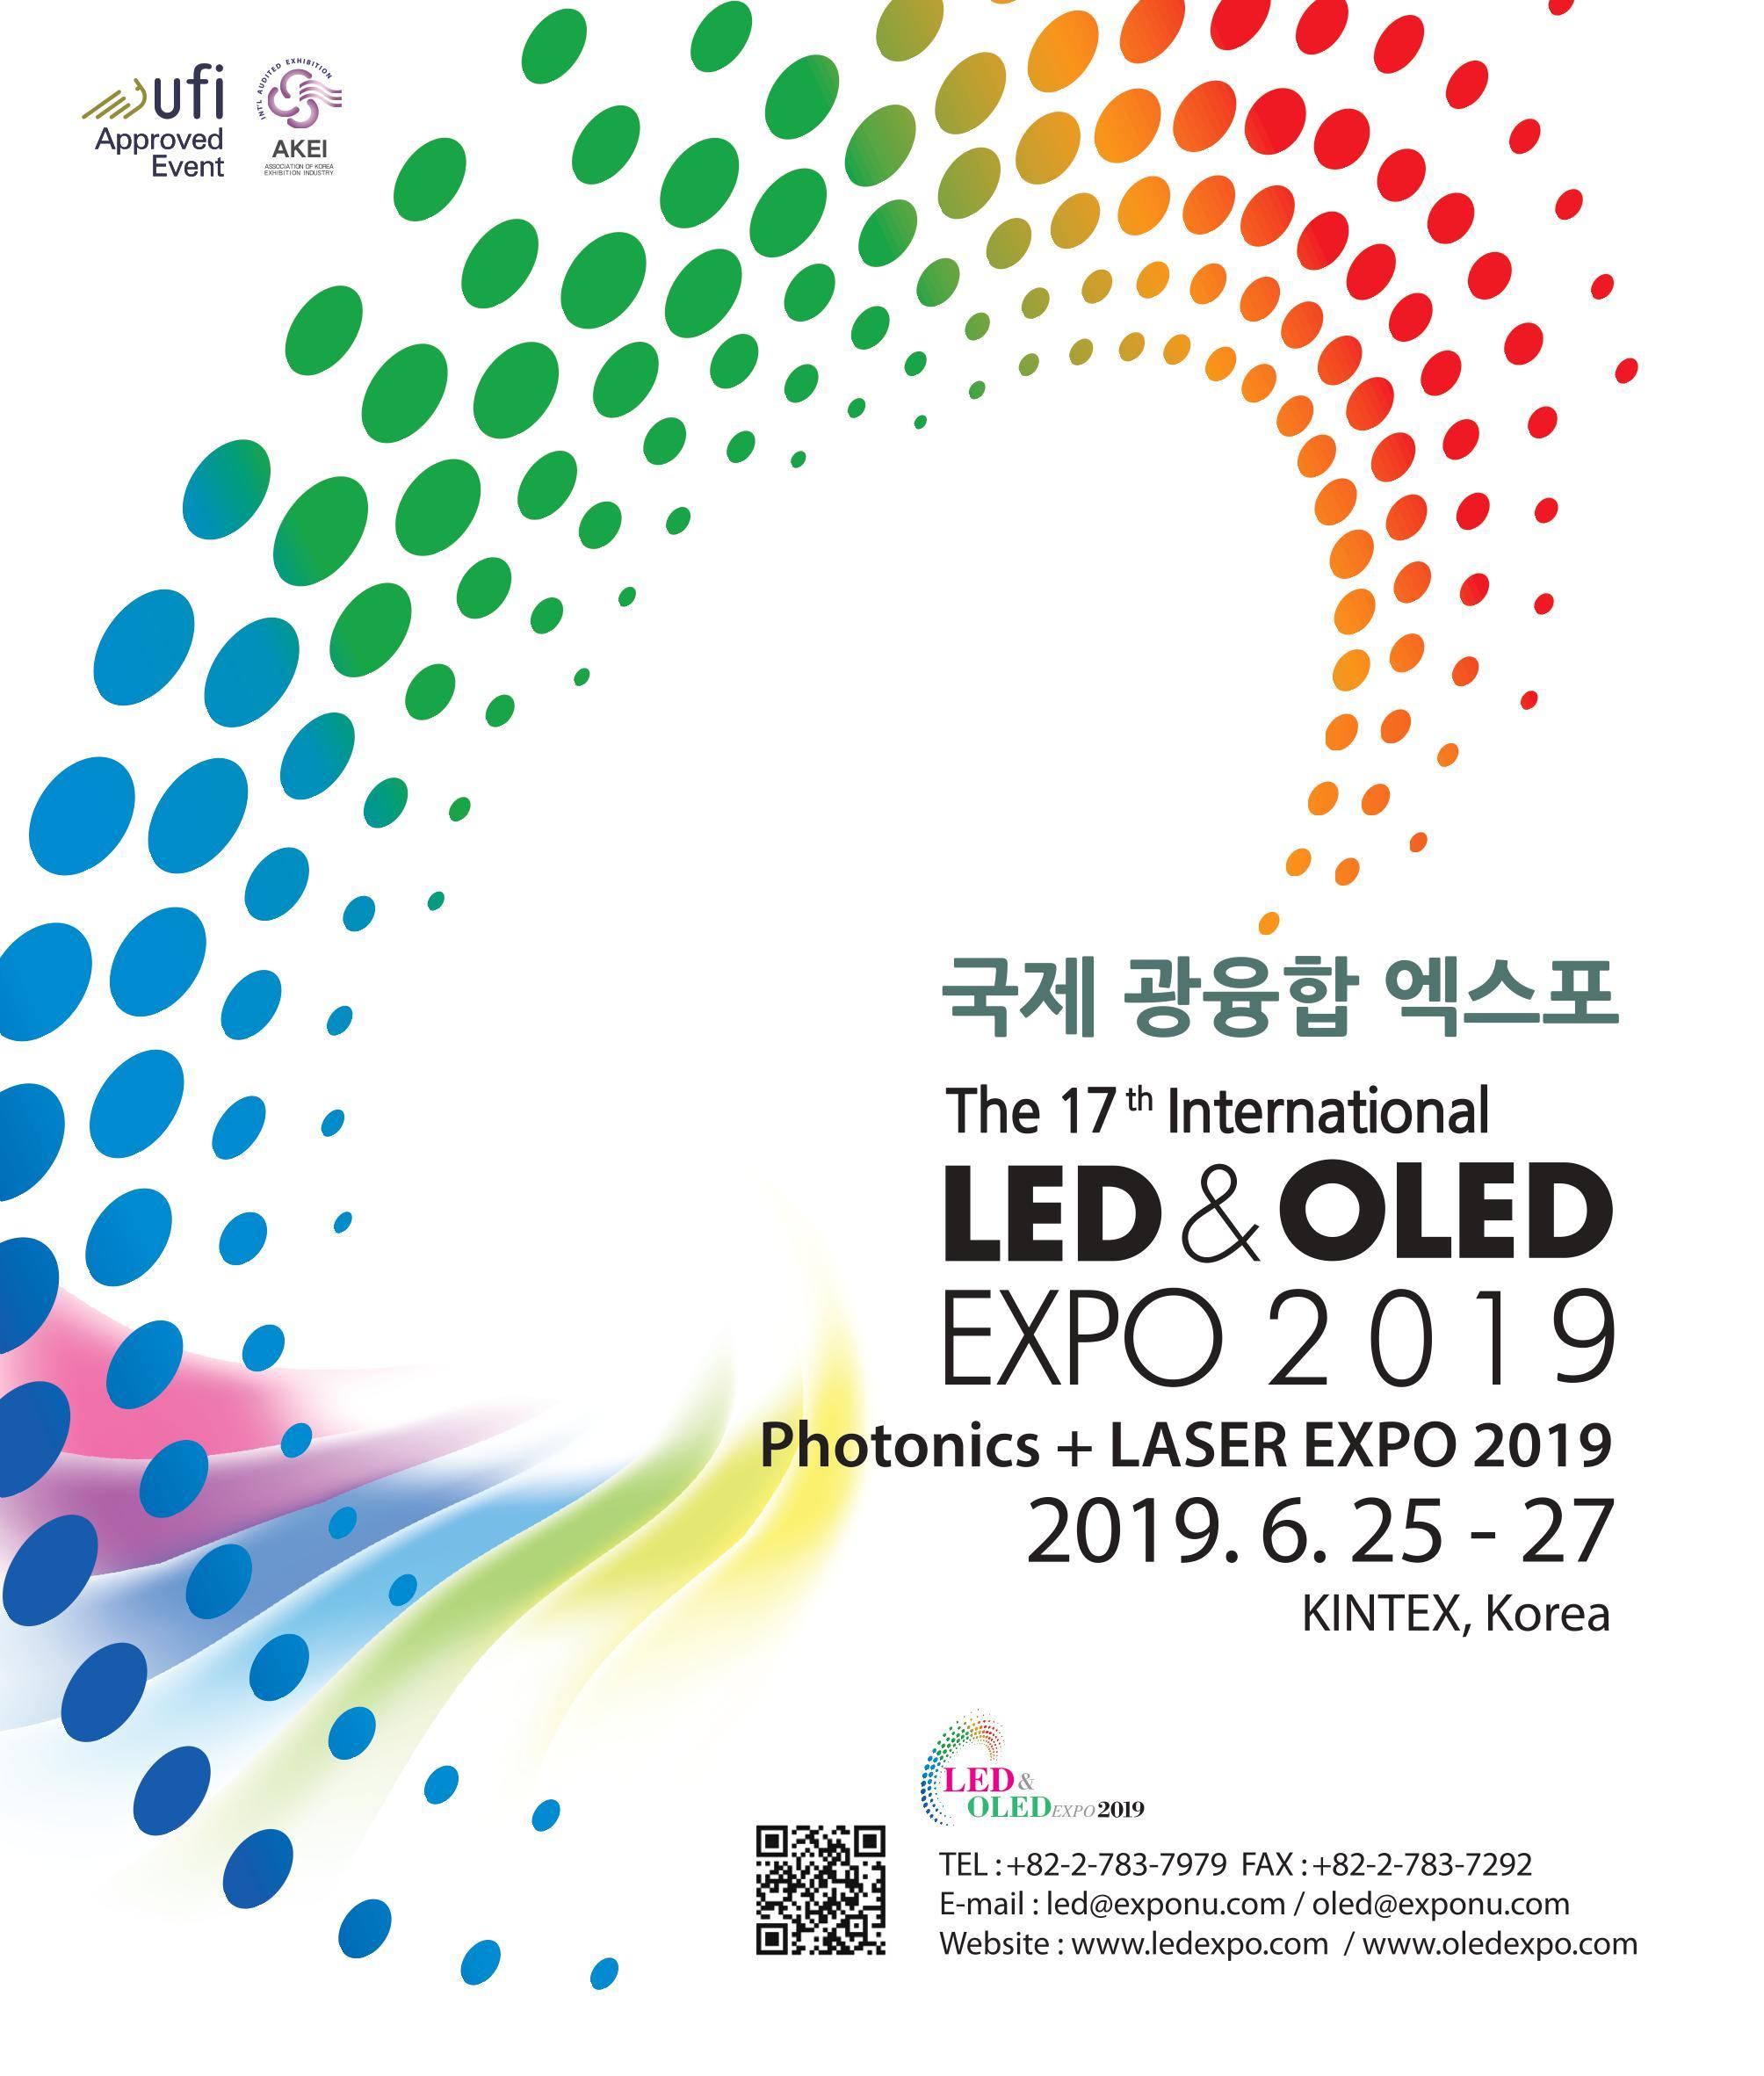 제17회 국제 LED & OLED EXPO 2019